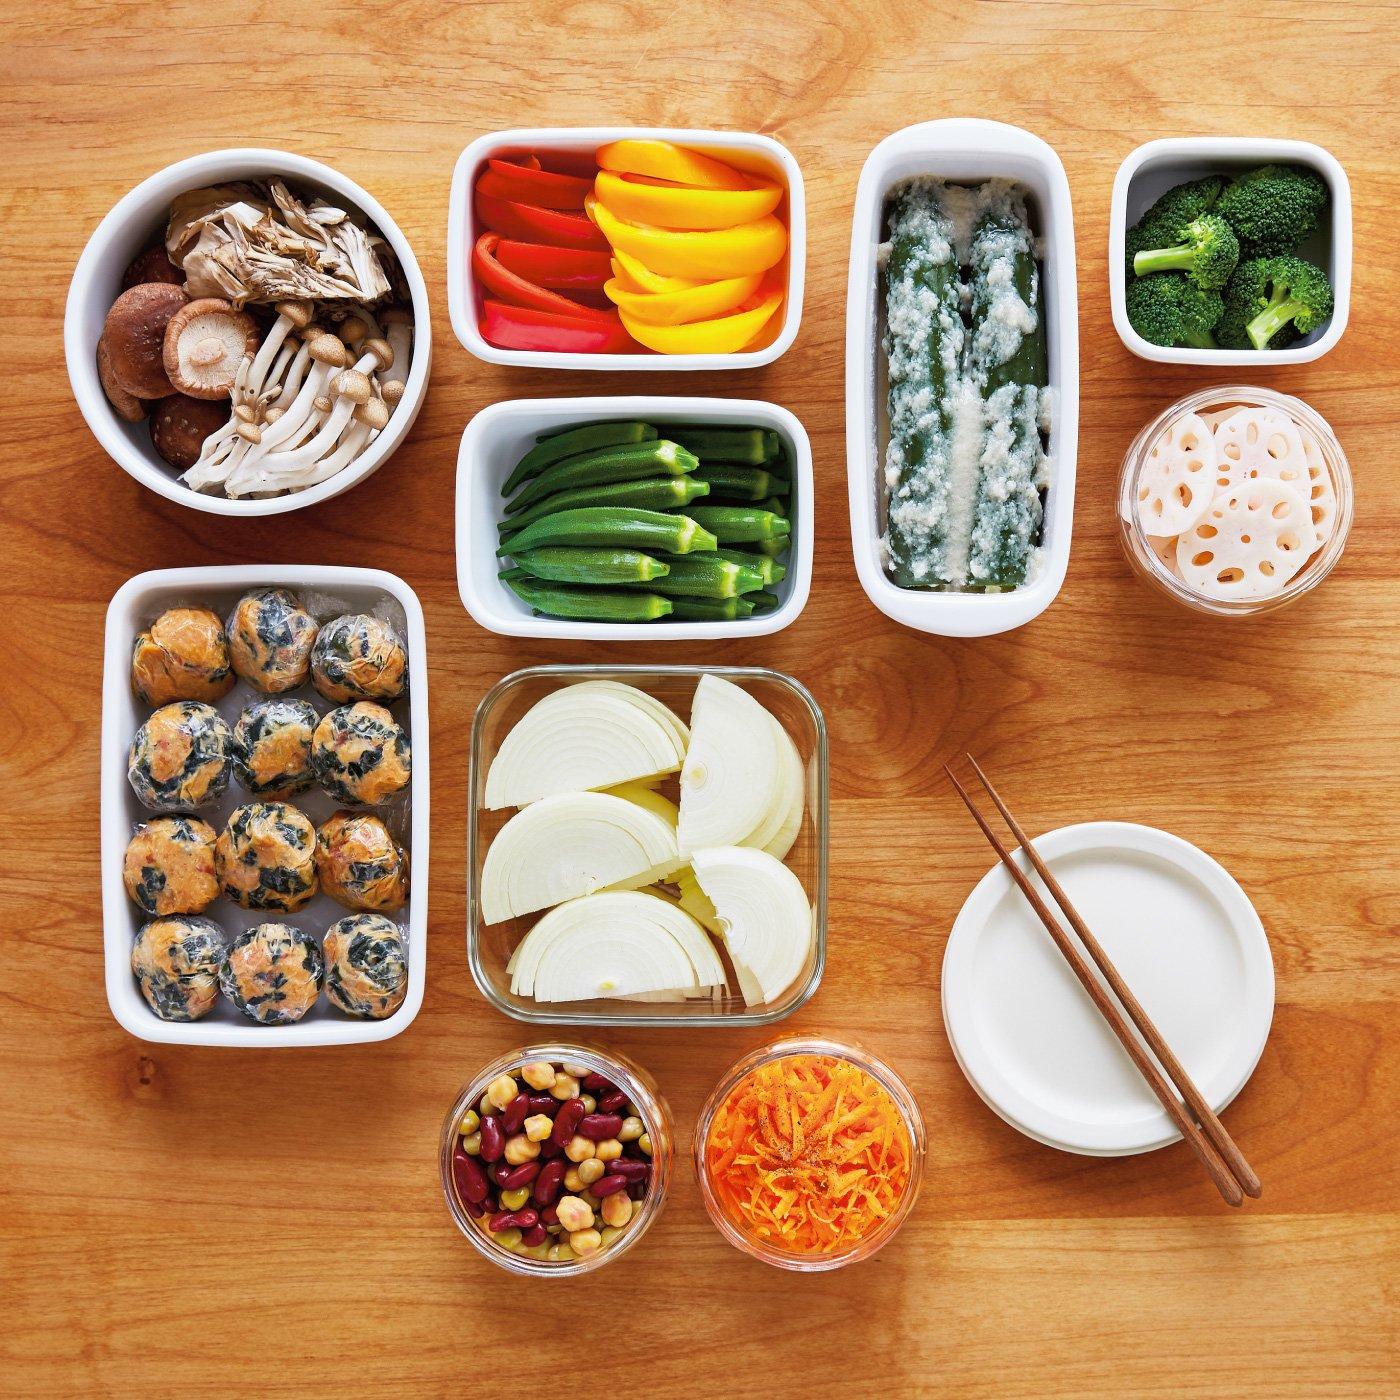 知って・使って・食べて野菜となかよくなる 暮らしに役立つ 野菜の便利ノートプログラム [10回予約プログラム]